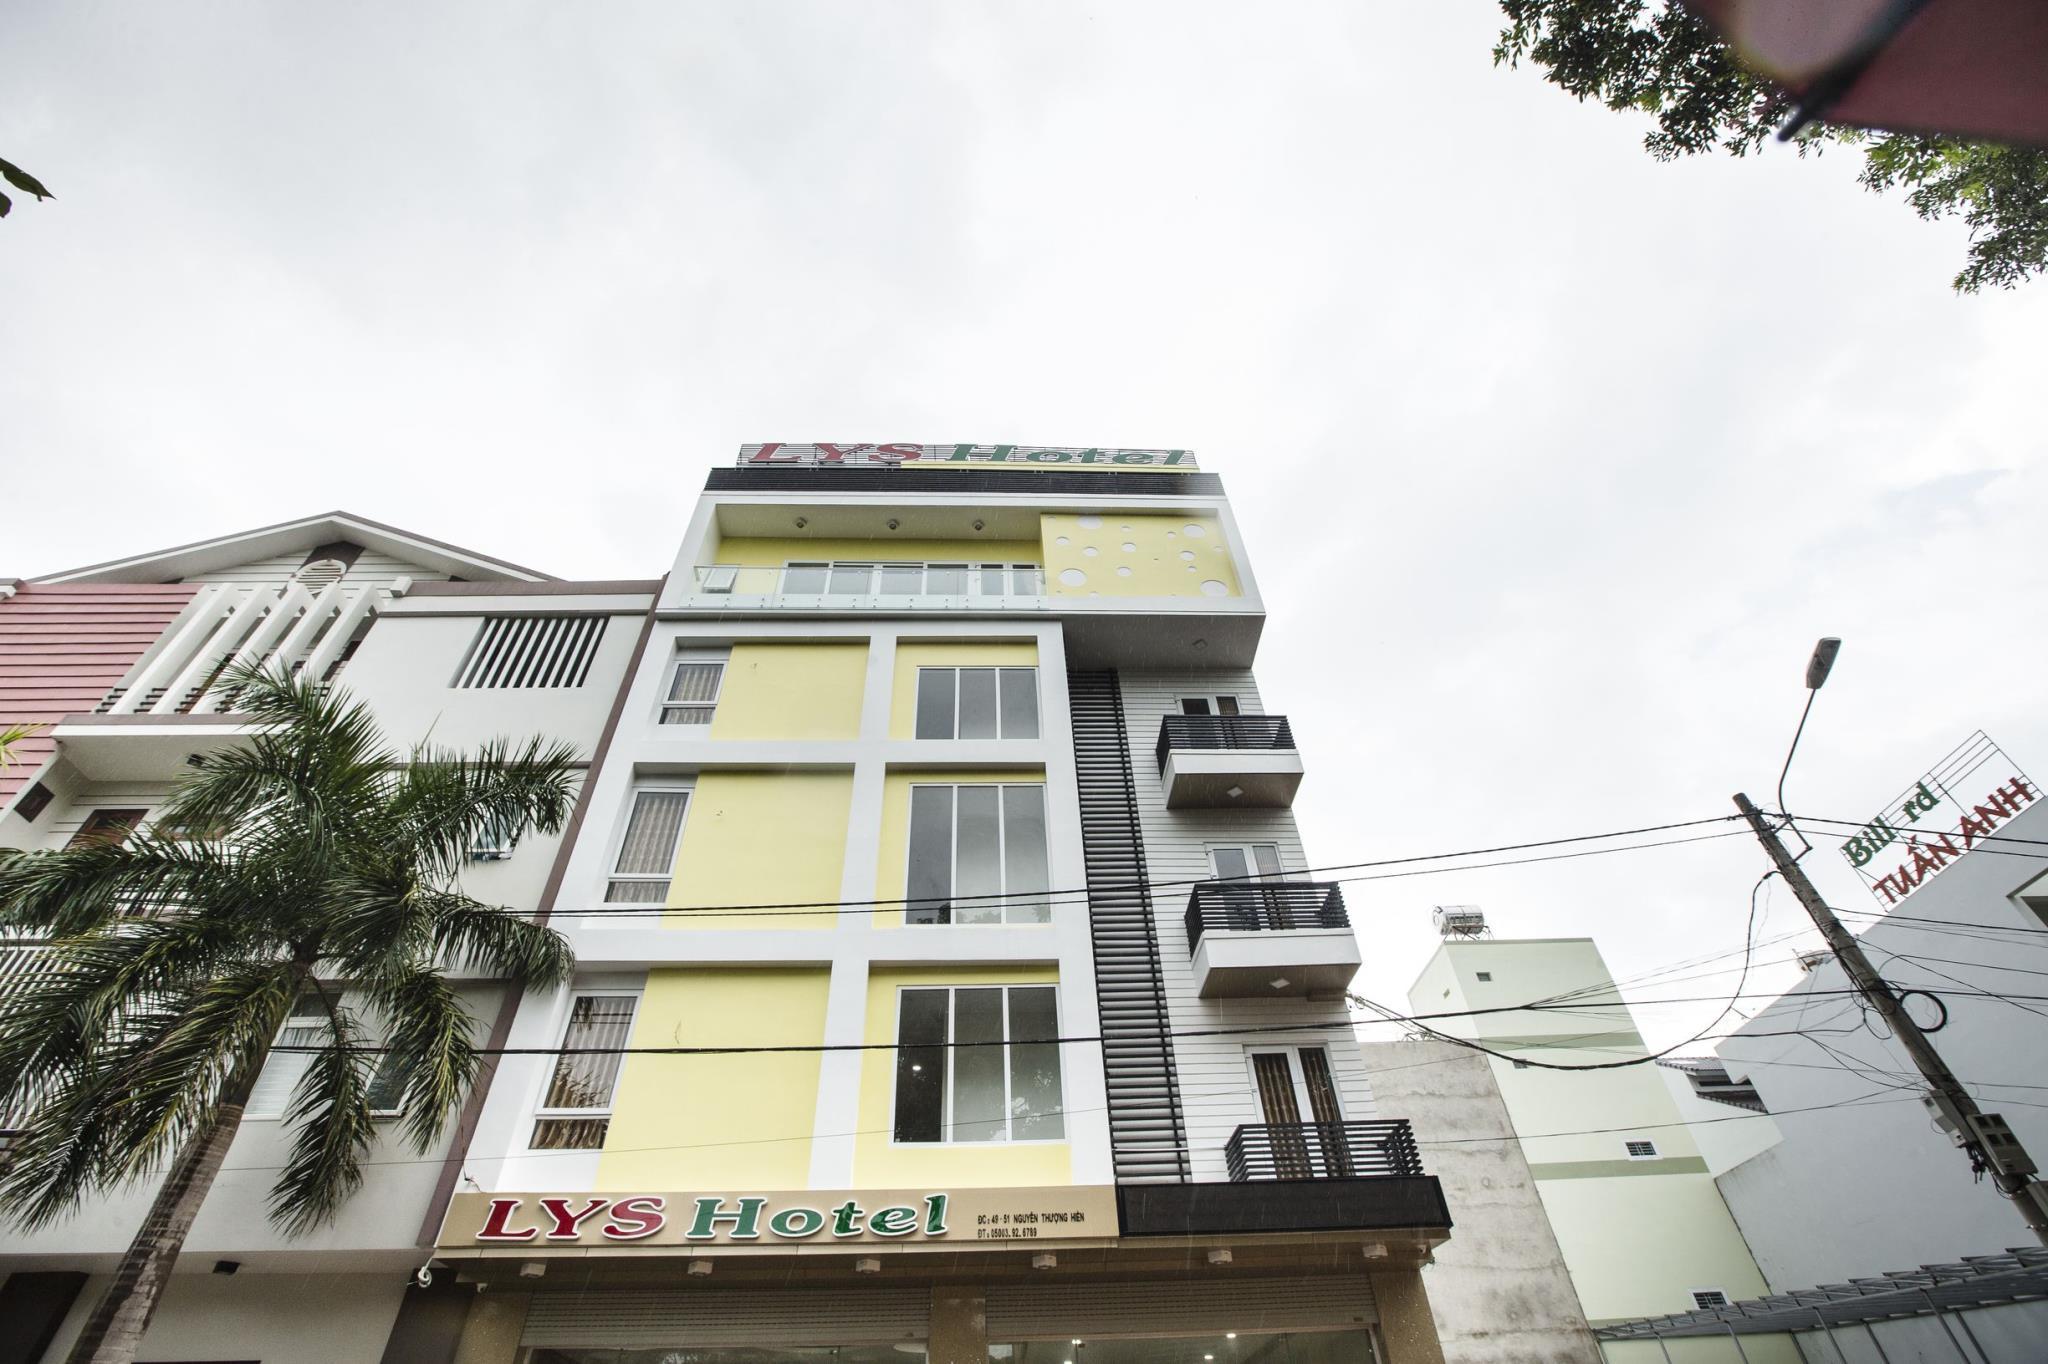 Lys Hotel, Buon Ma Thuot